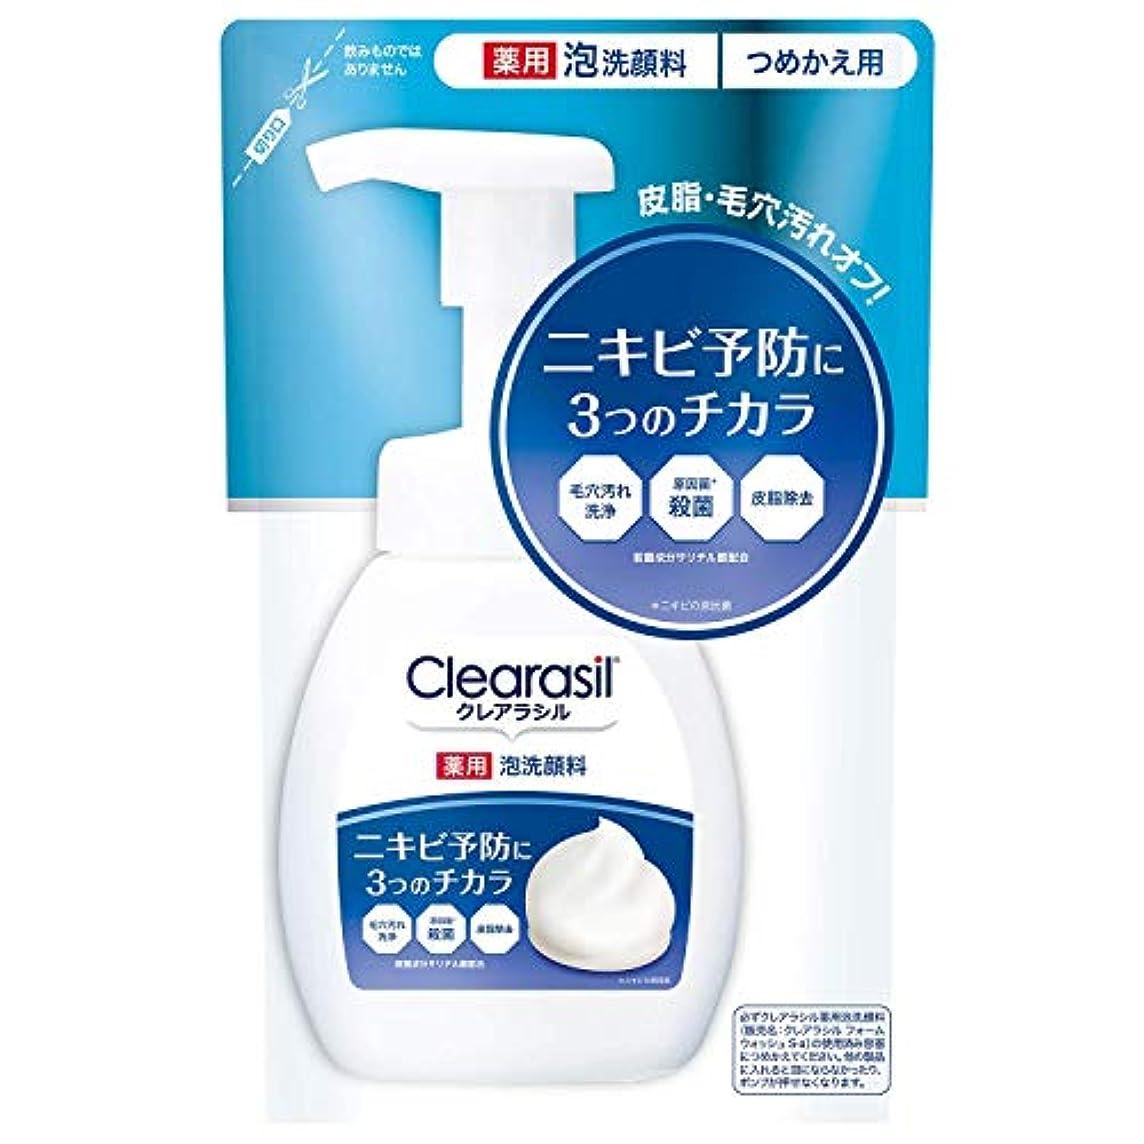 消毒剤一月ペルー【clearasil】クレアラシル 薬用泡洗顔フォーム10 つめかえ用 (180ml) ×10個セット